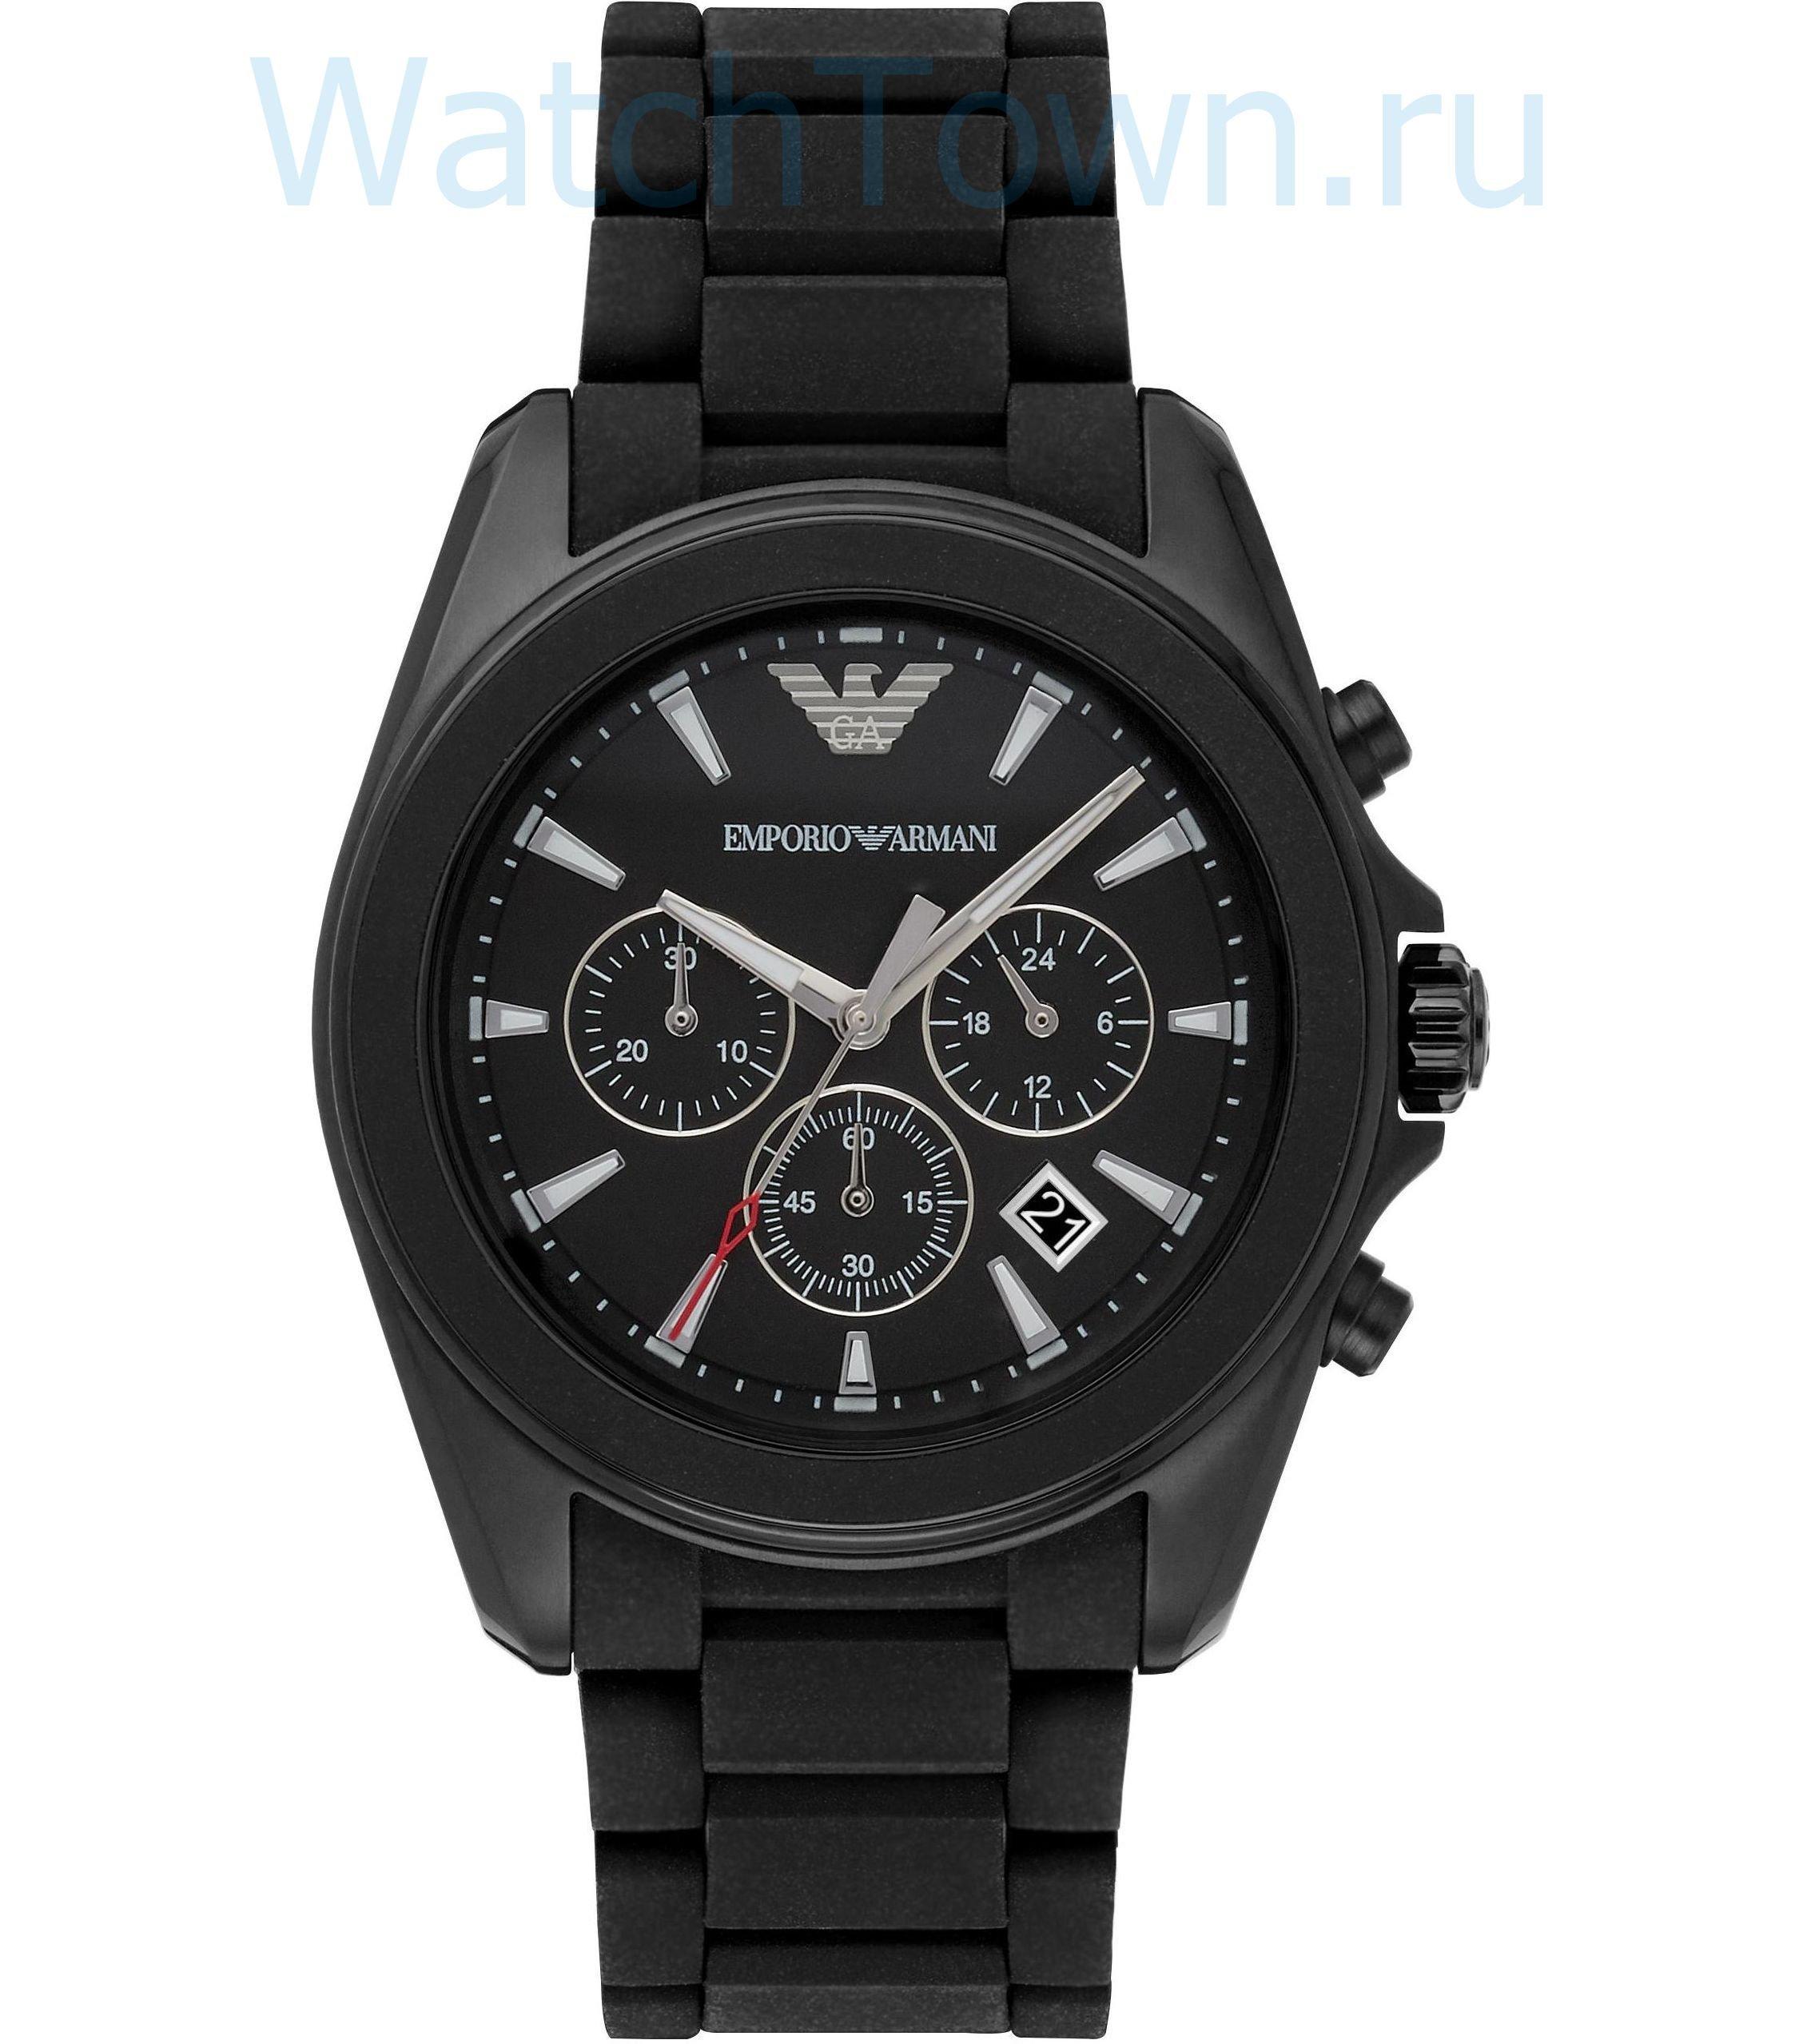 Продажа 15 товаров от 40 интернет-магазинов на livening-russia.ru ✔ быстрая доставка, гарантия от продавца ☛ мужские наручные часы недорого в санкт-петербурге.